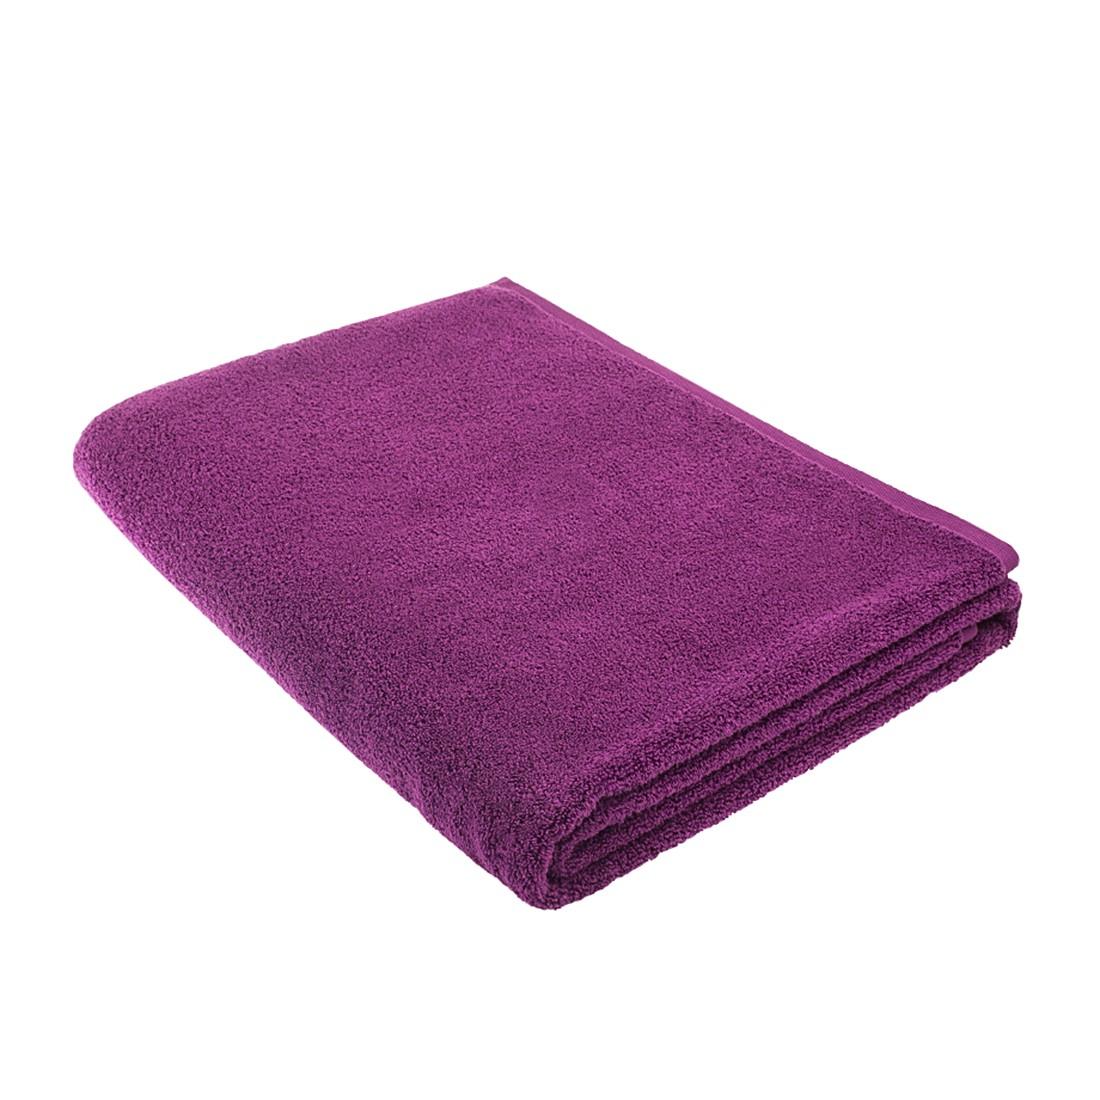 Sauna handdoek PURE - 100% katoen- paars, stilana